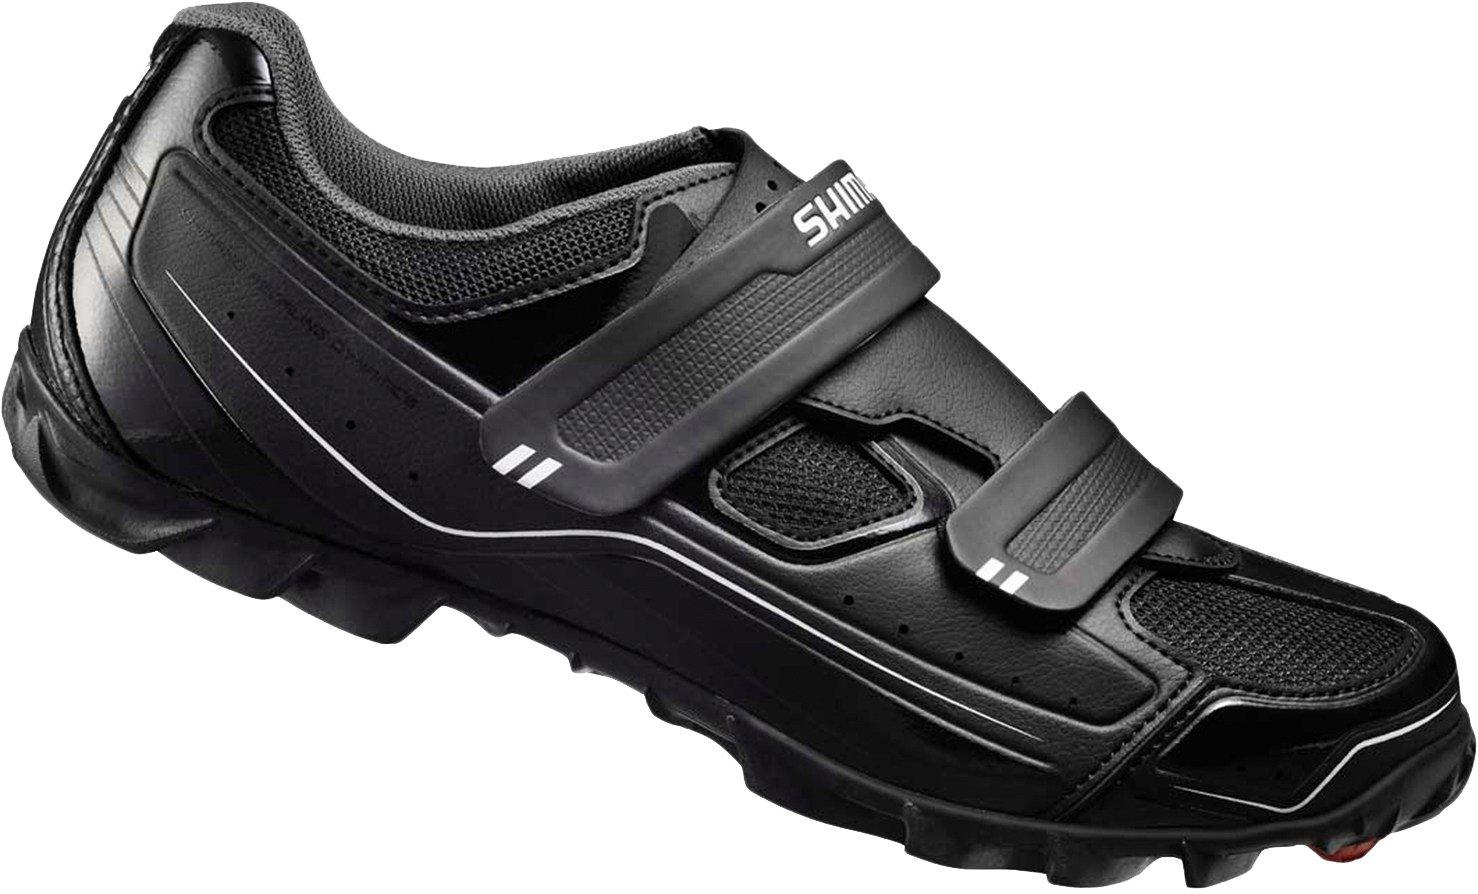 SHIMANO SH ME2 Women's Mountain Enduro SPD Cycling Shoes